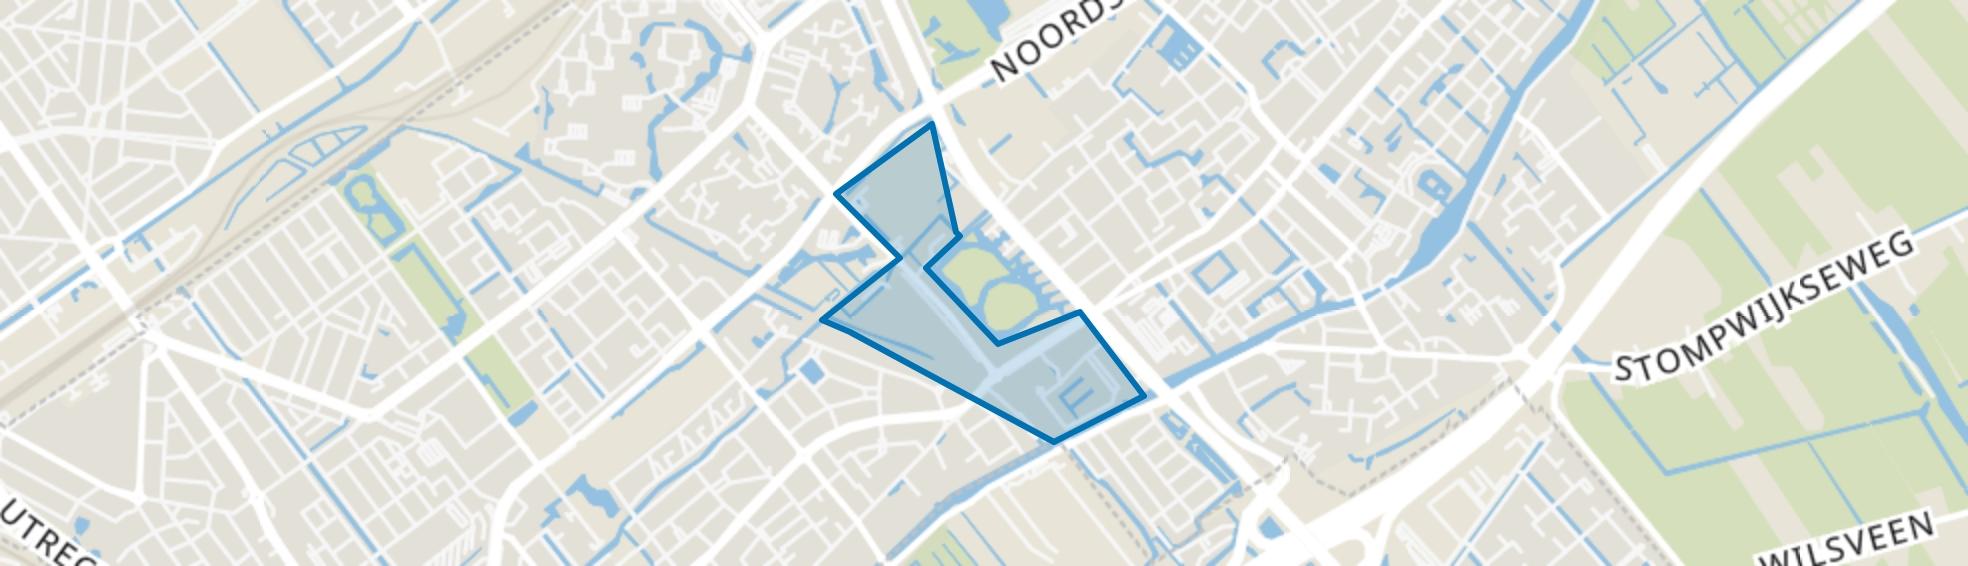 Kleurenbuurt, Voorburg map